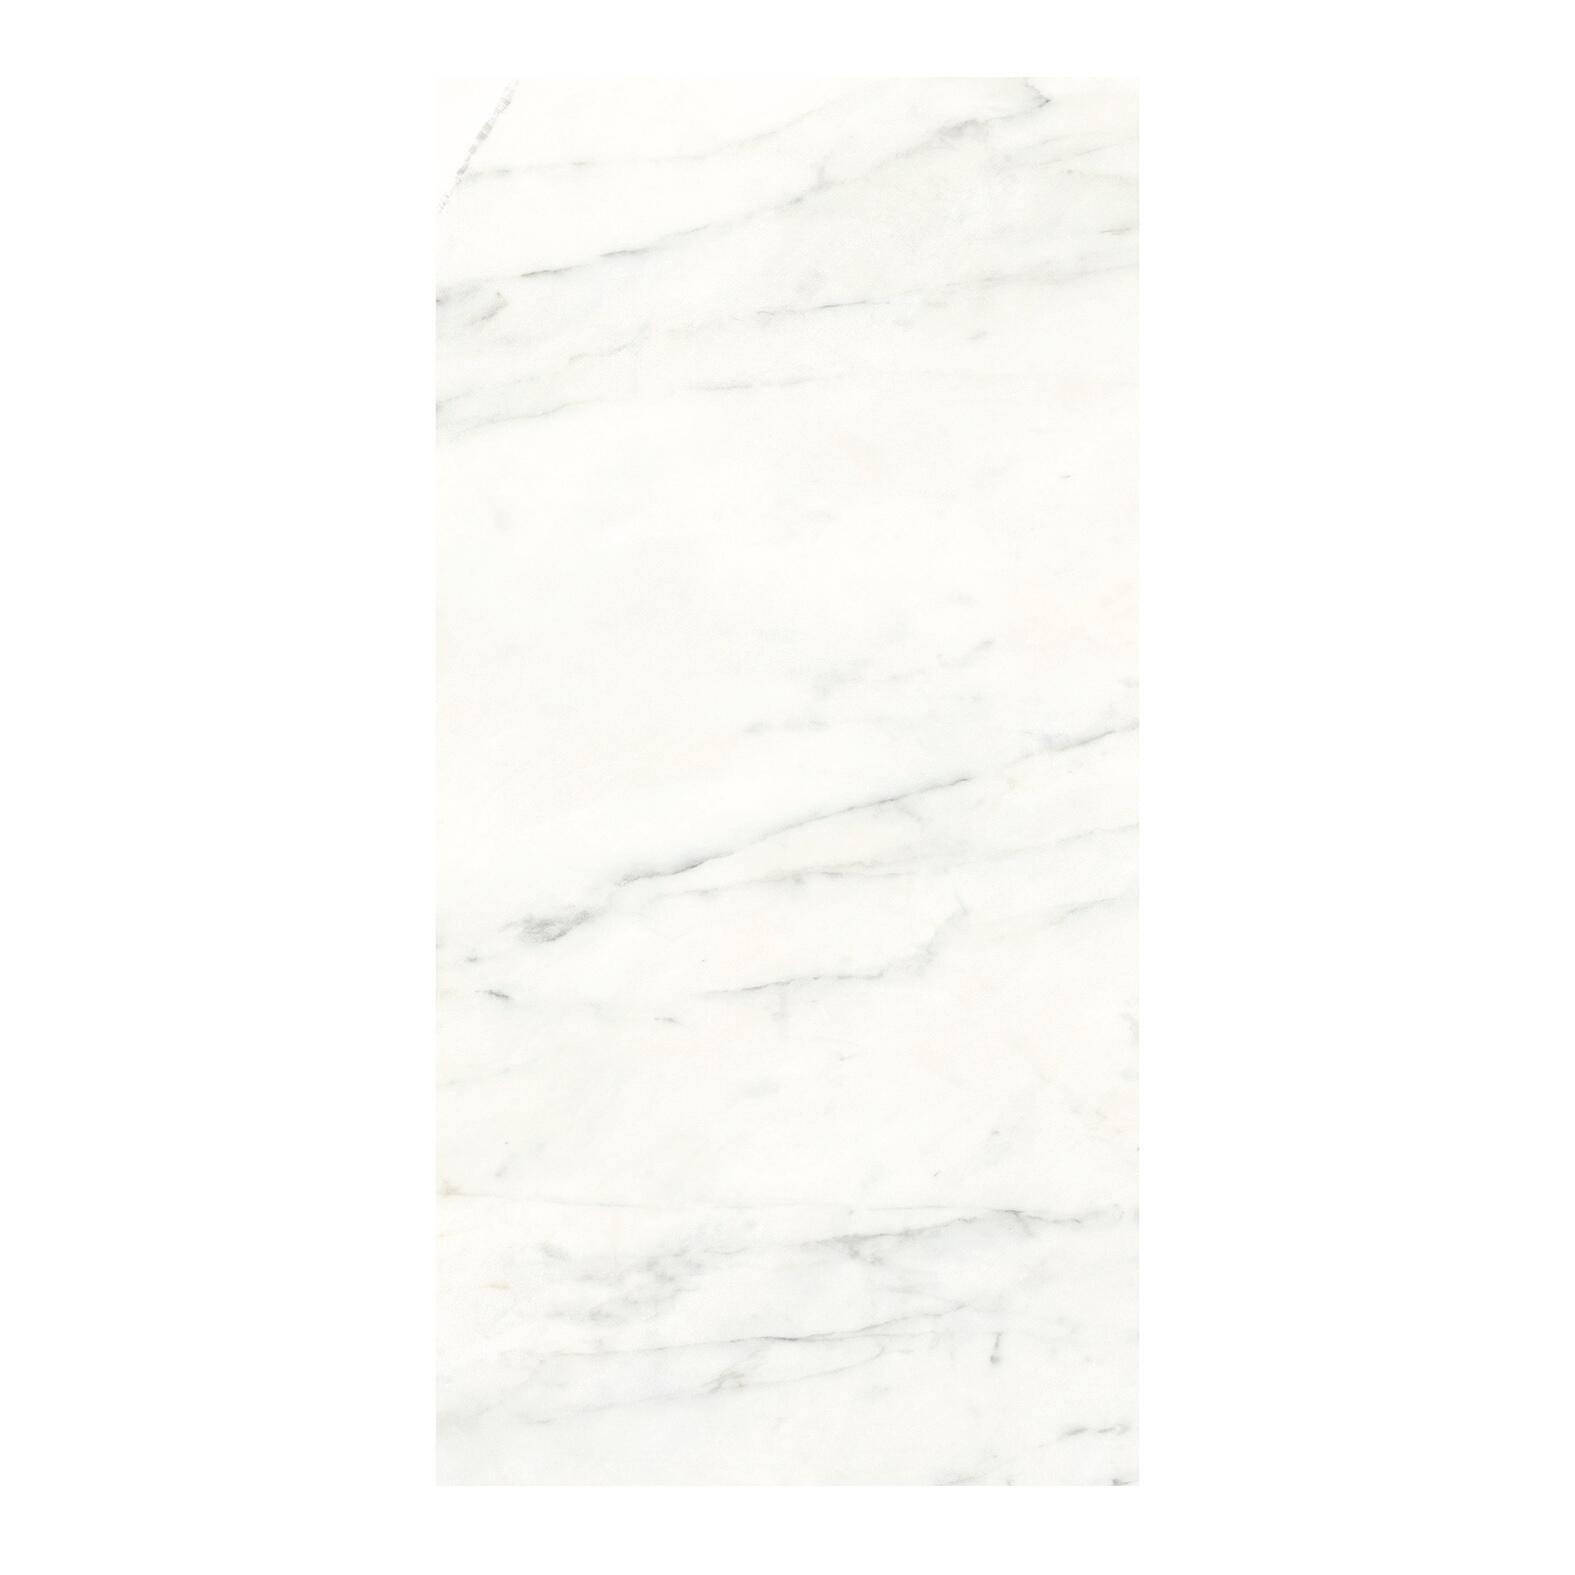 Piastrella Canalgrande 40 x 80 cm sp. 10 mm PEI 4/5 bianco - 15